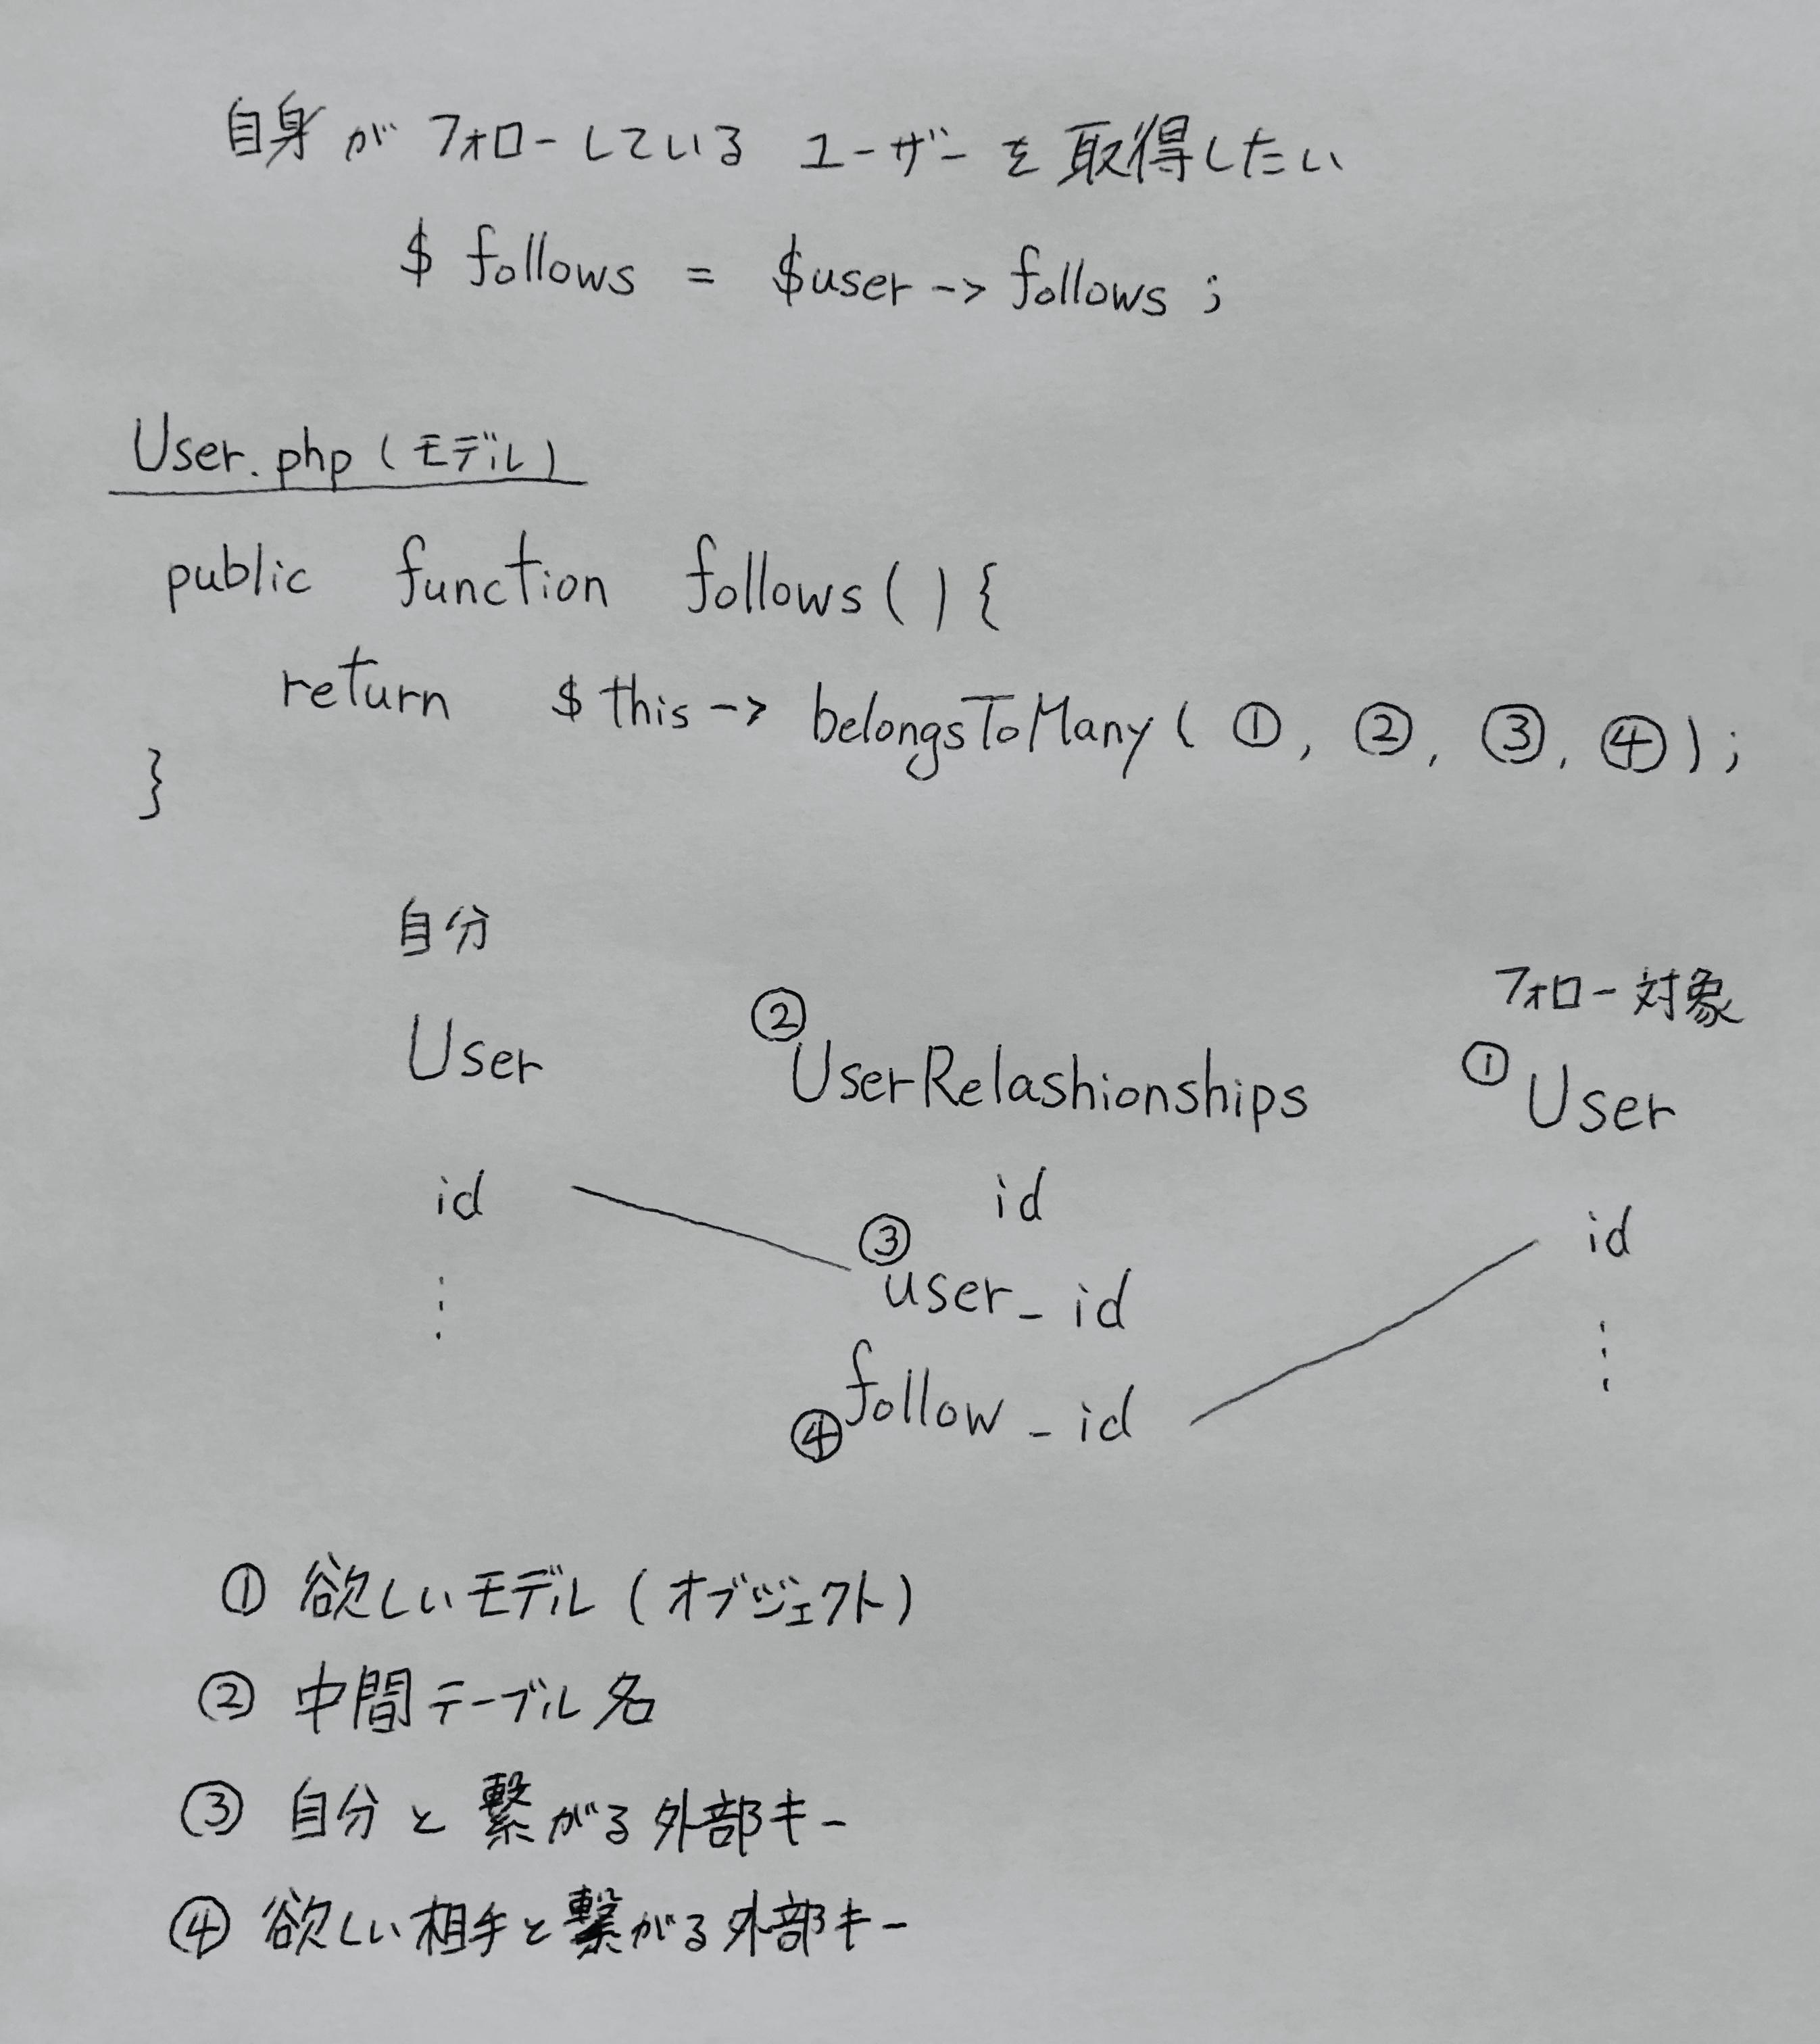 22F141A7-0457-4041-8687-2EA9FECC1467.jpeg